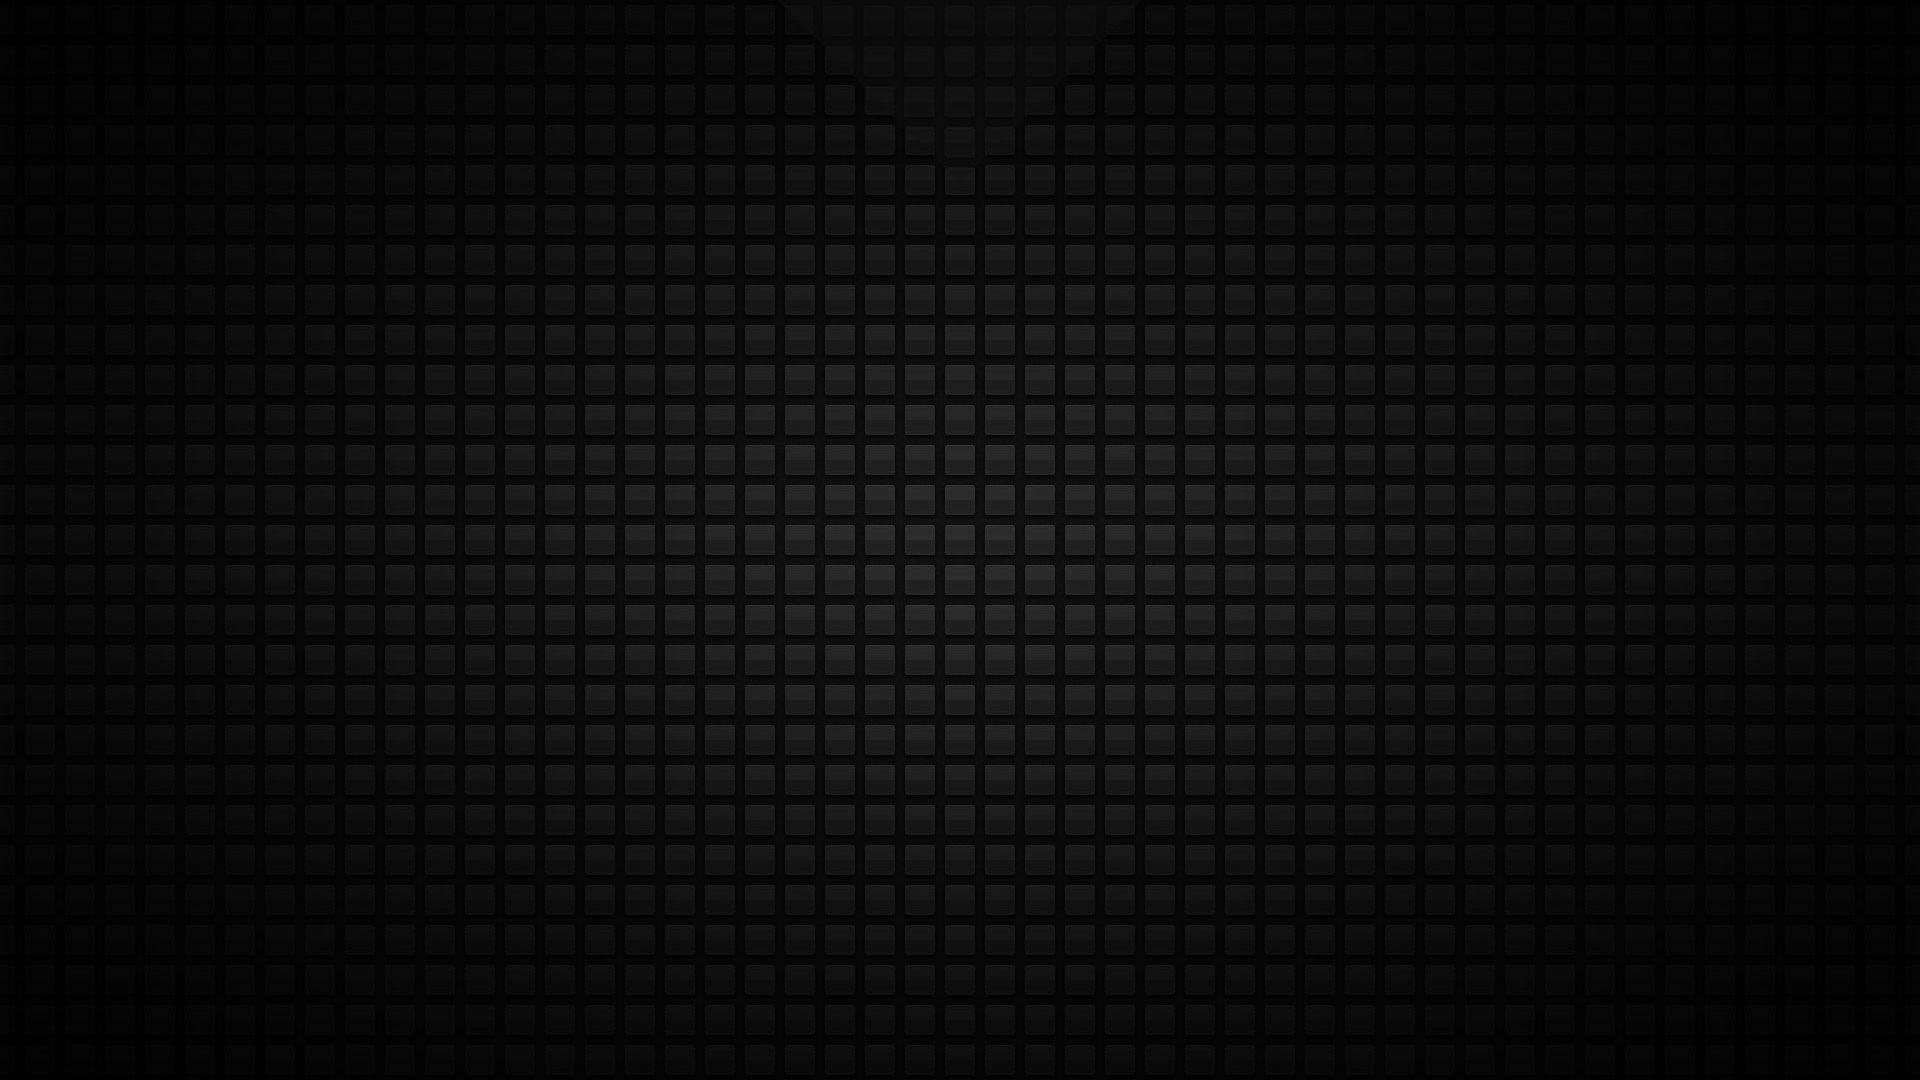 [48+] Dark Gray Wallpapers on WallpaperSafari